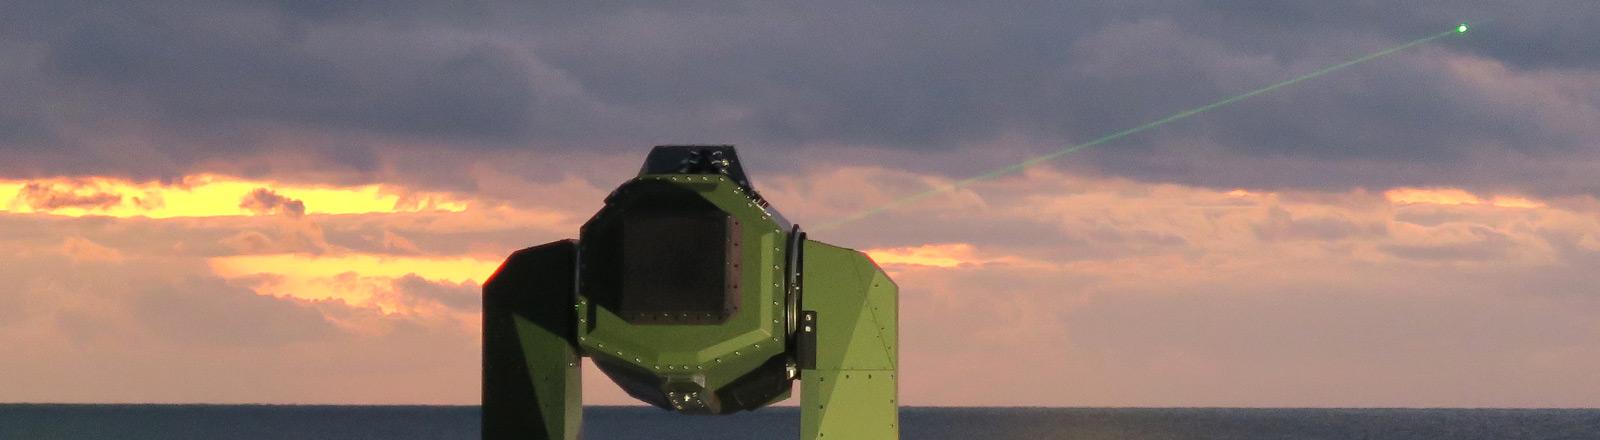 Ein Laser schießt in den Himmel.